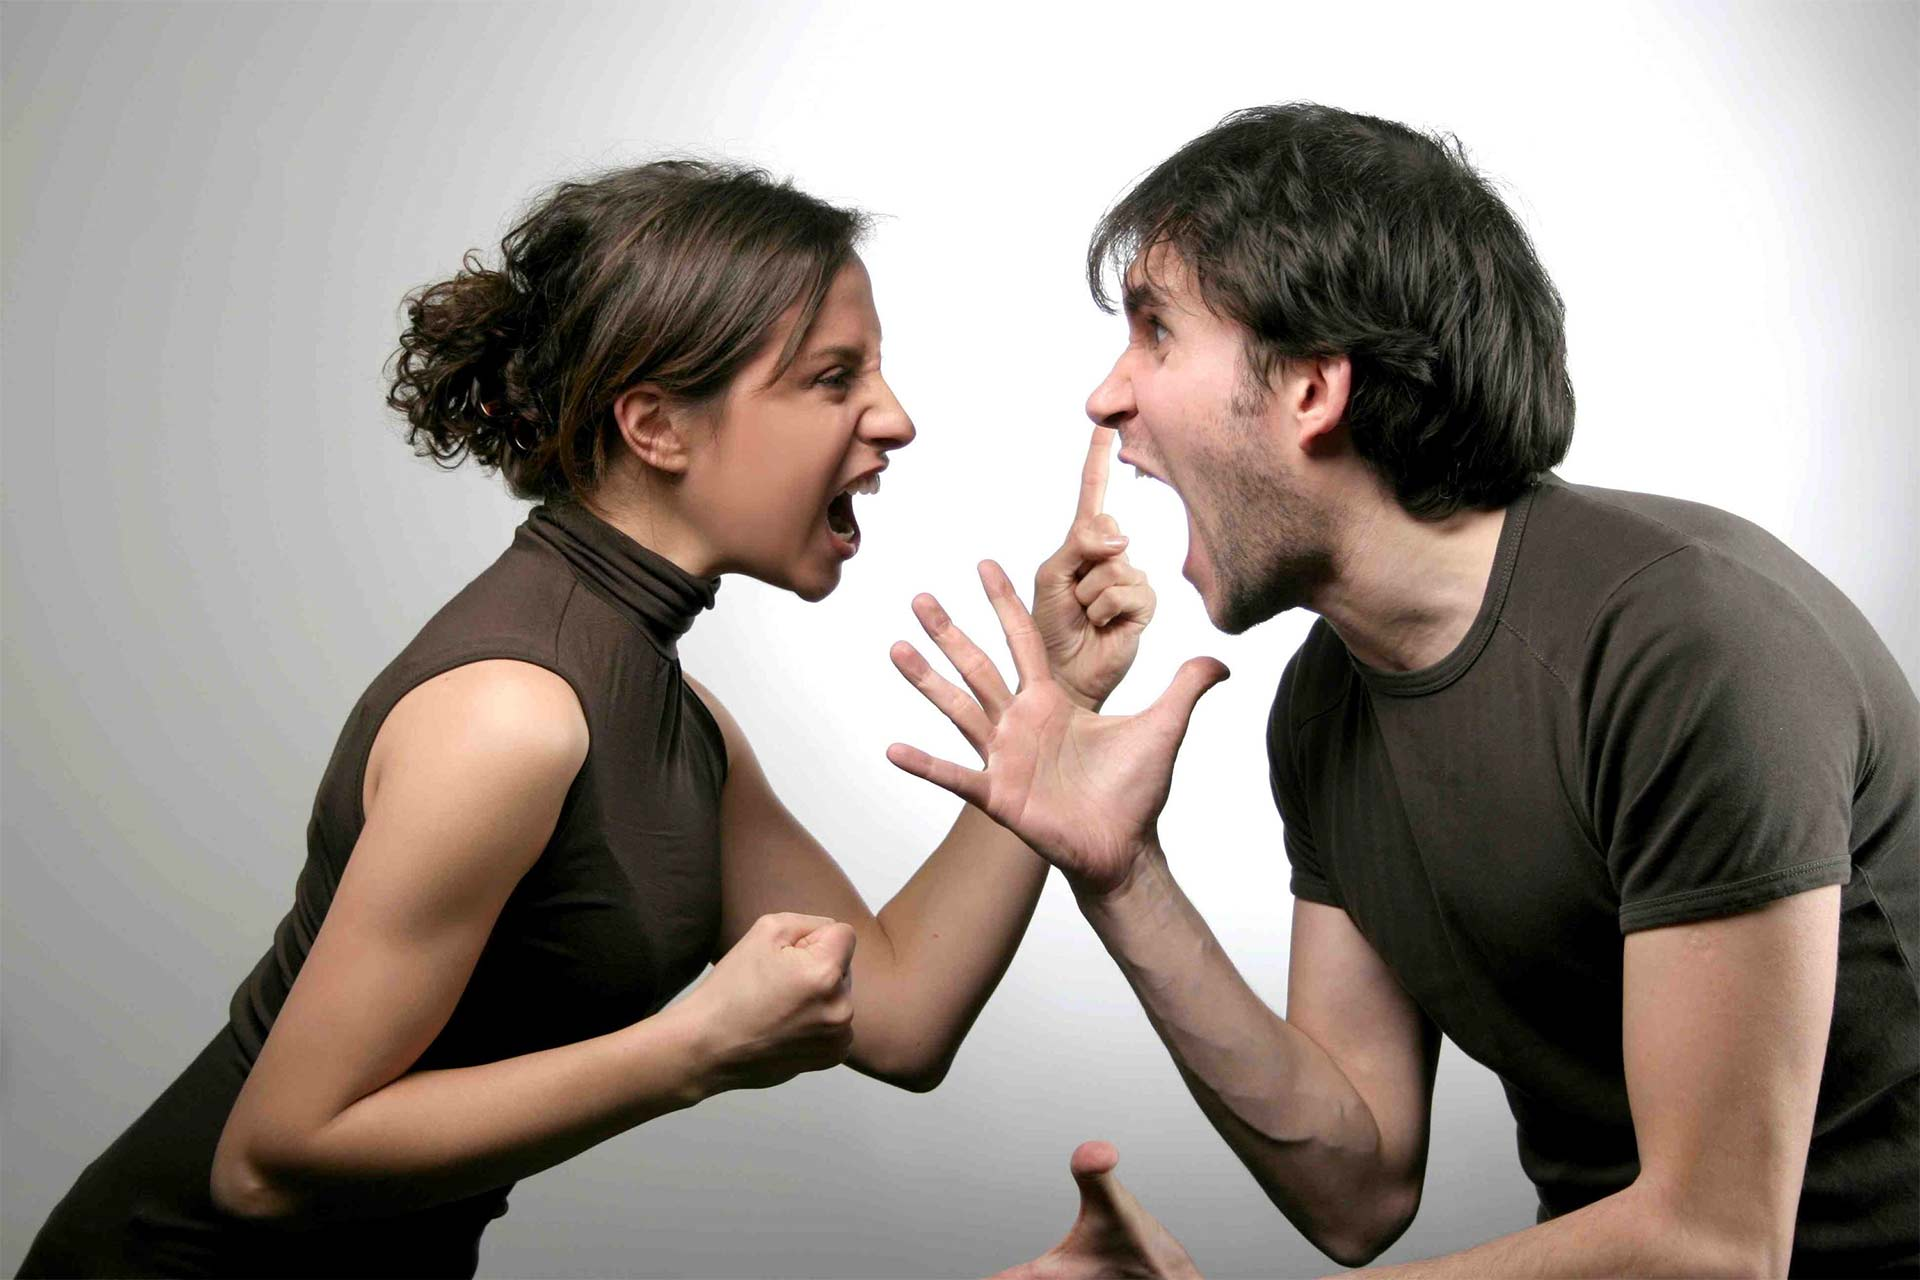 研究顯示越愛罵髒話的人智商越高